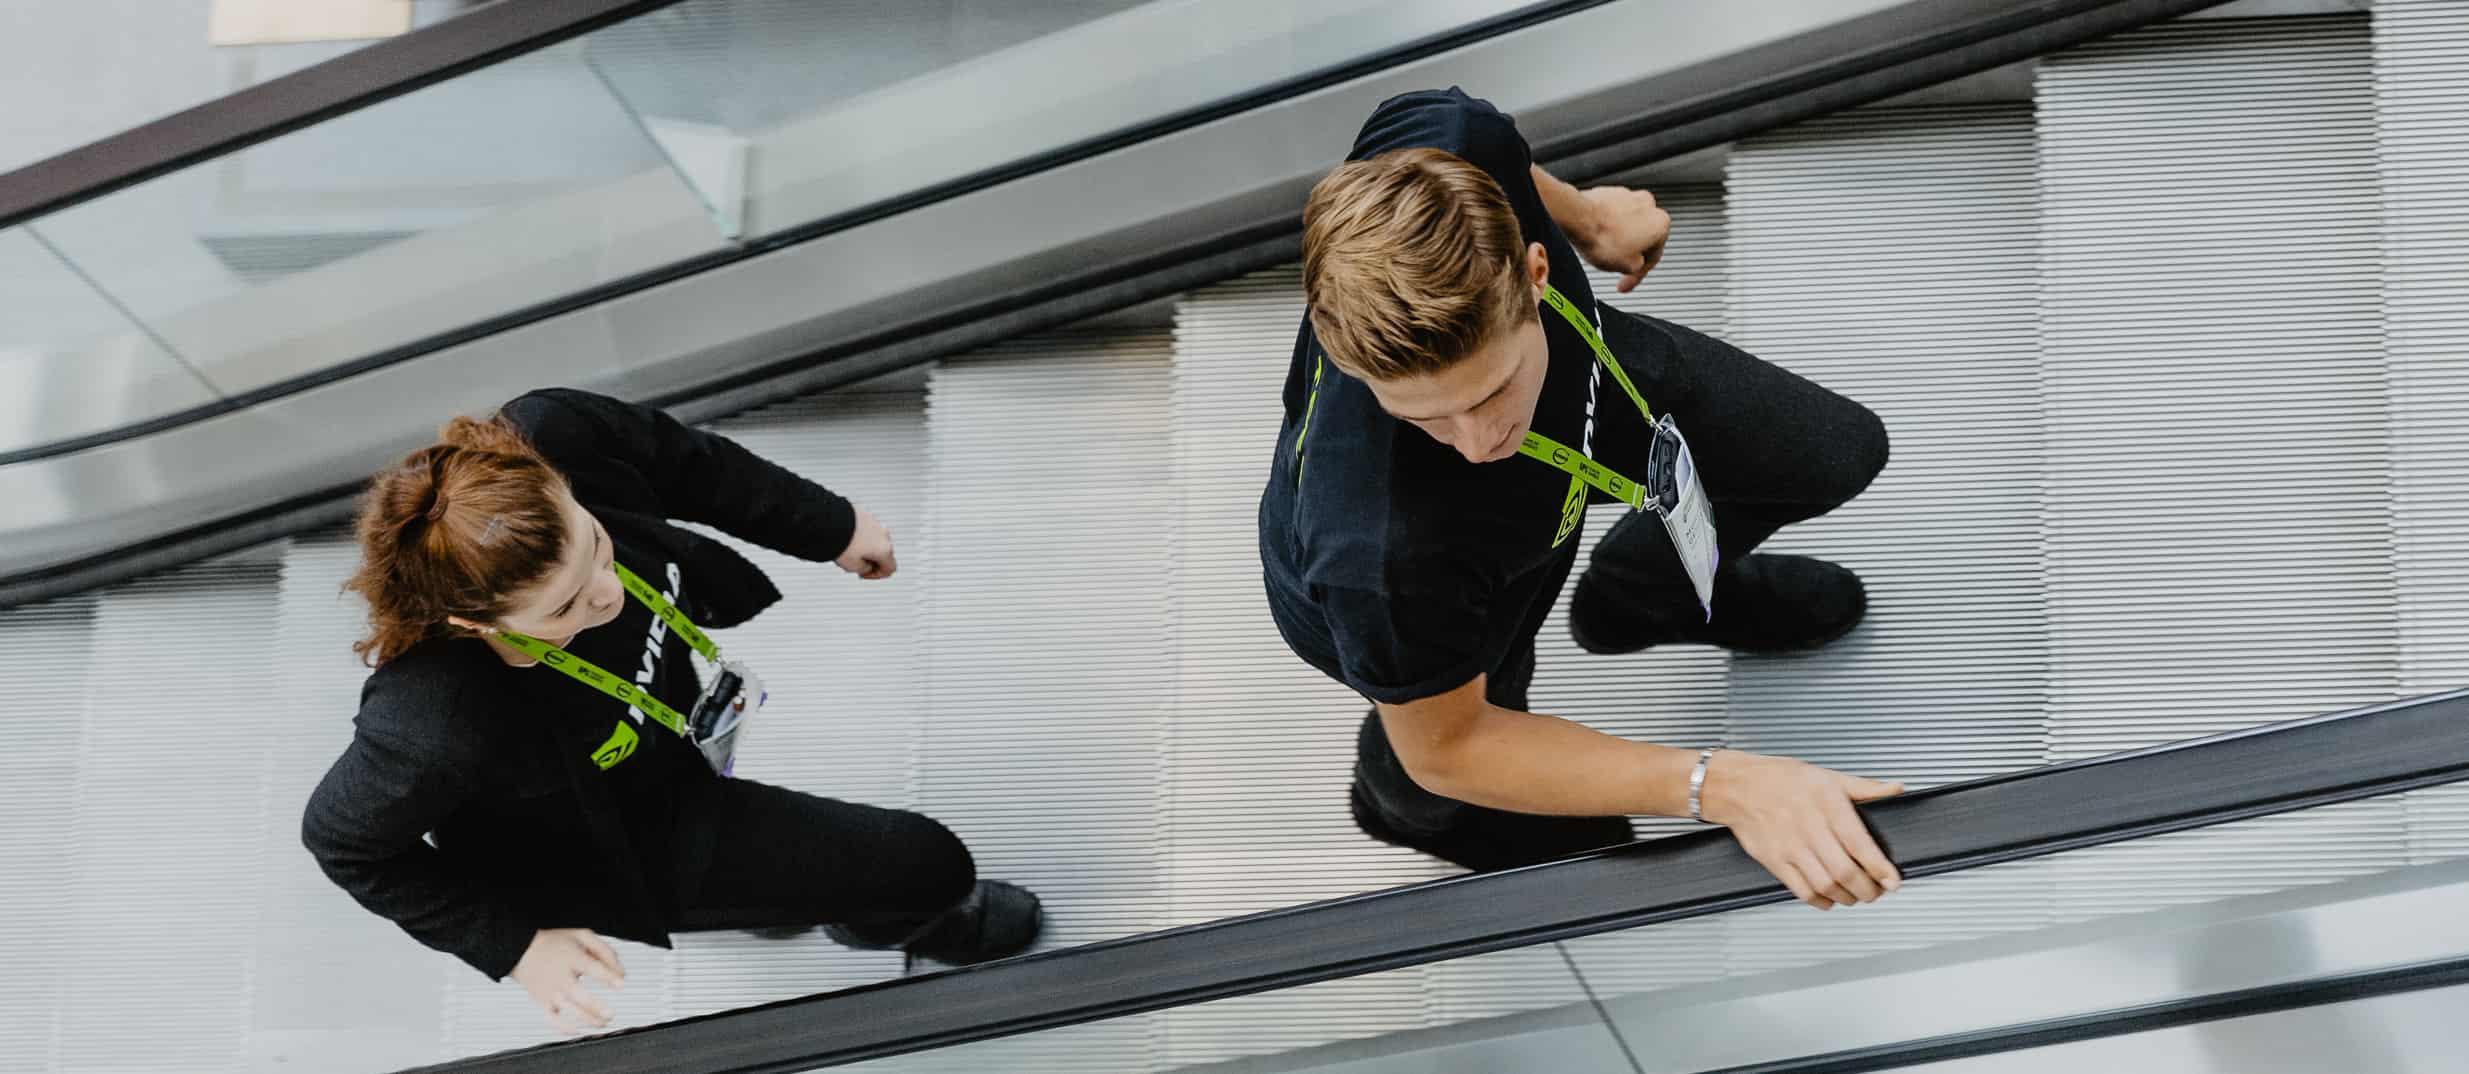 Schnelle, fleißige und selbstständige Runner von ucm.agency sichern einen reibungslosen Ablauf Ihrer Veranstaltung